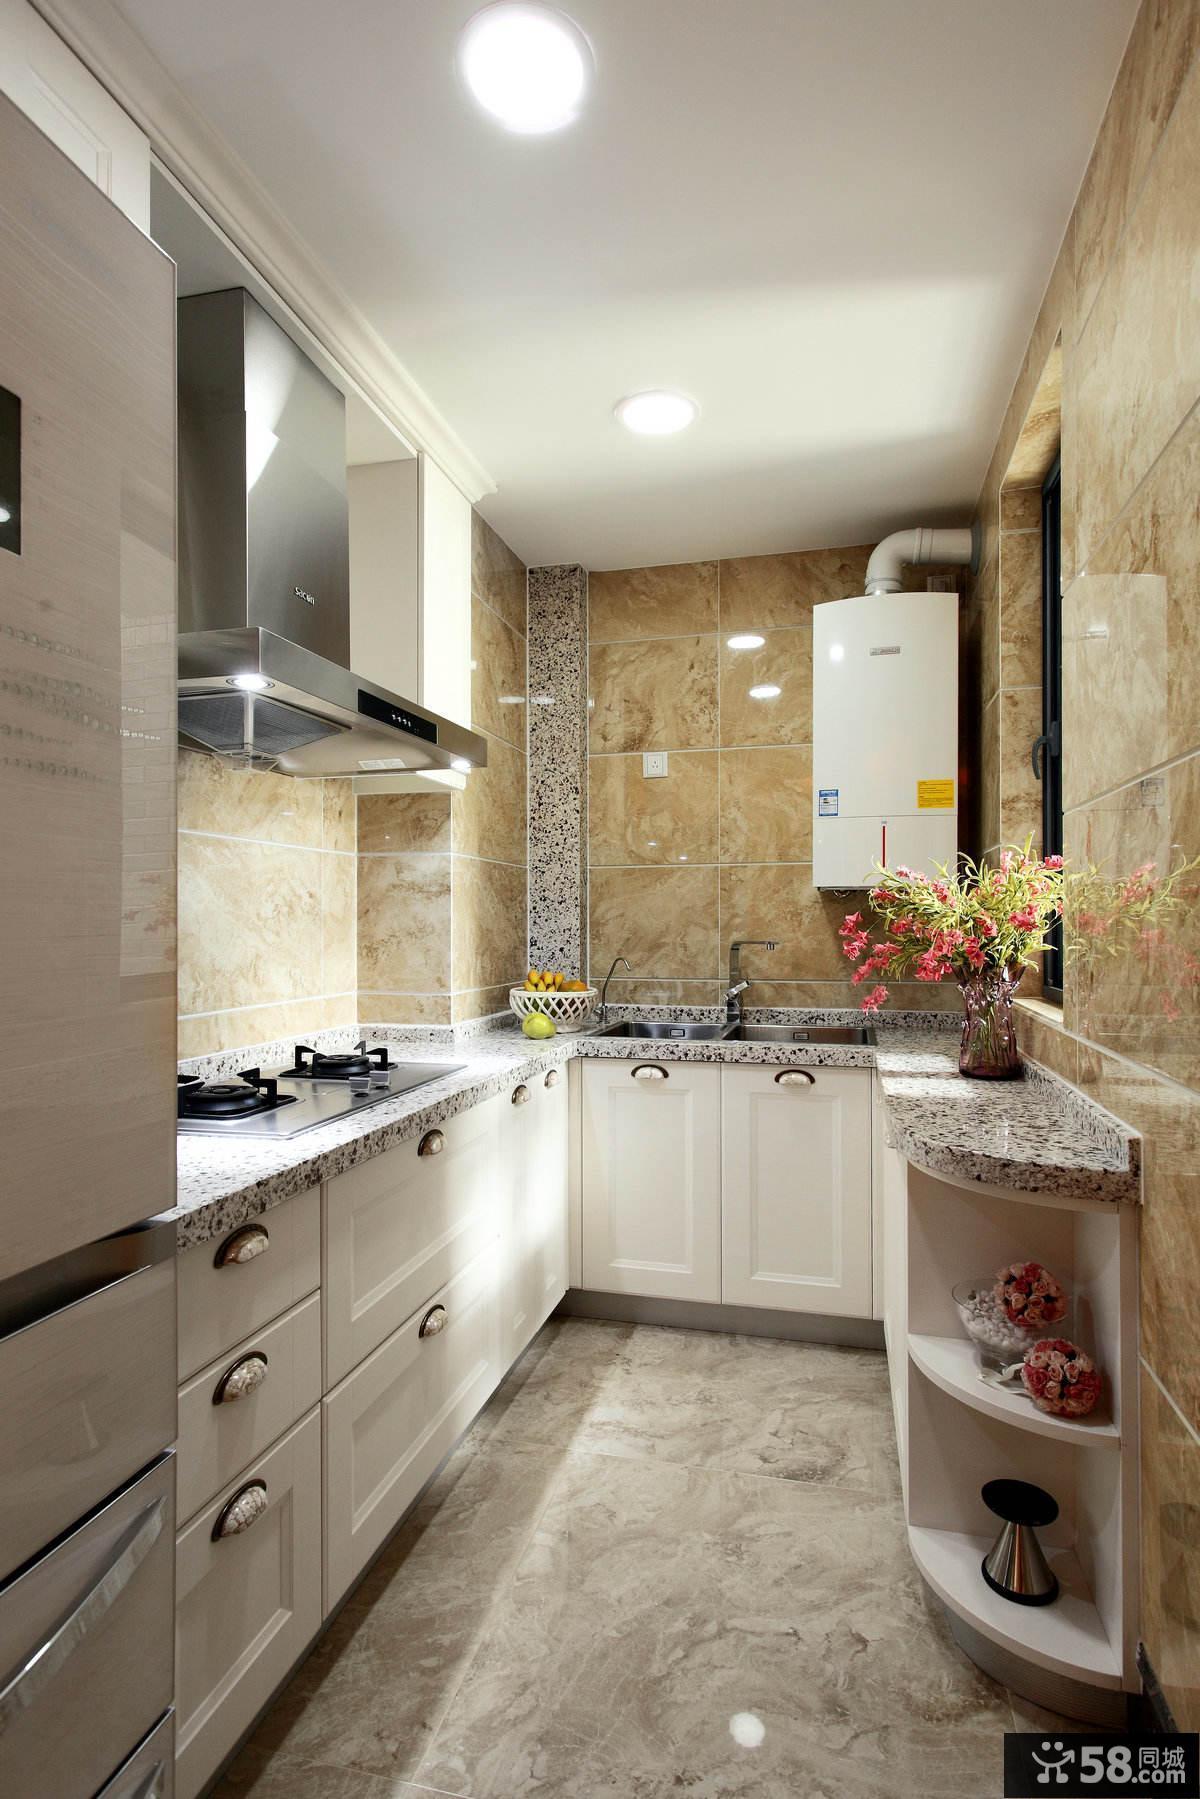 美式装修风格厨房图大全